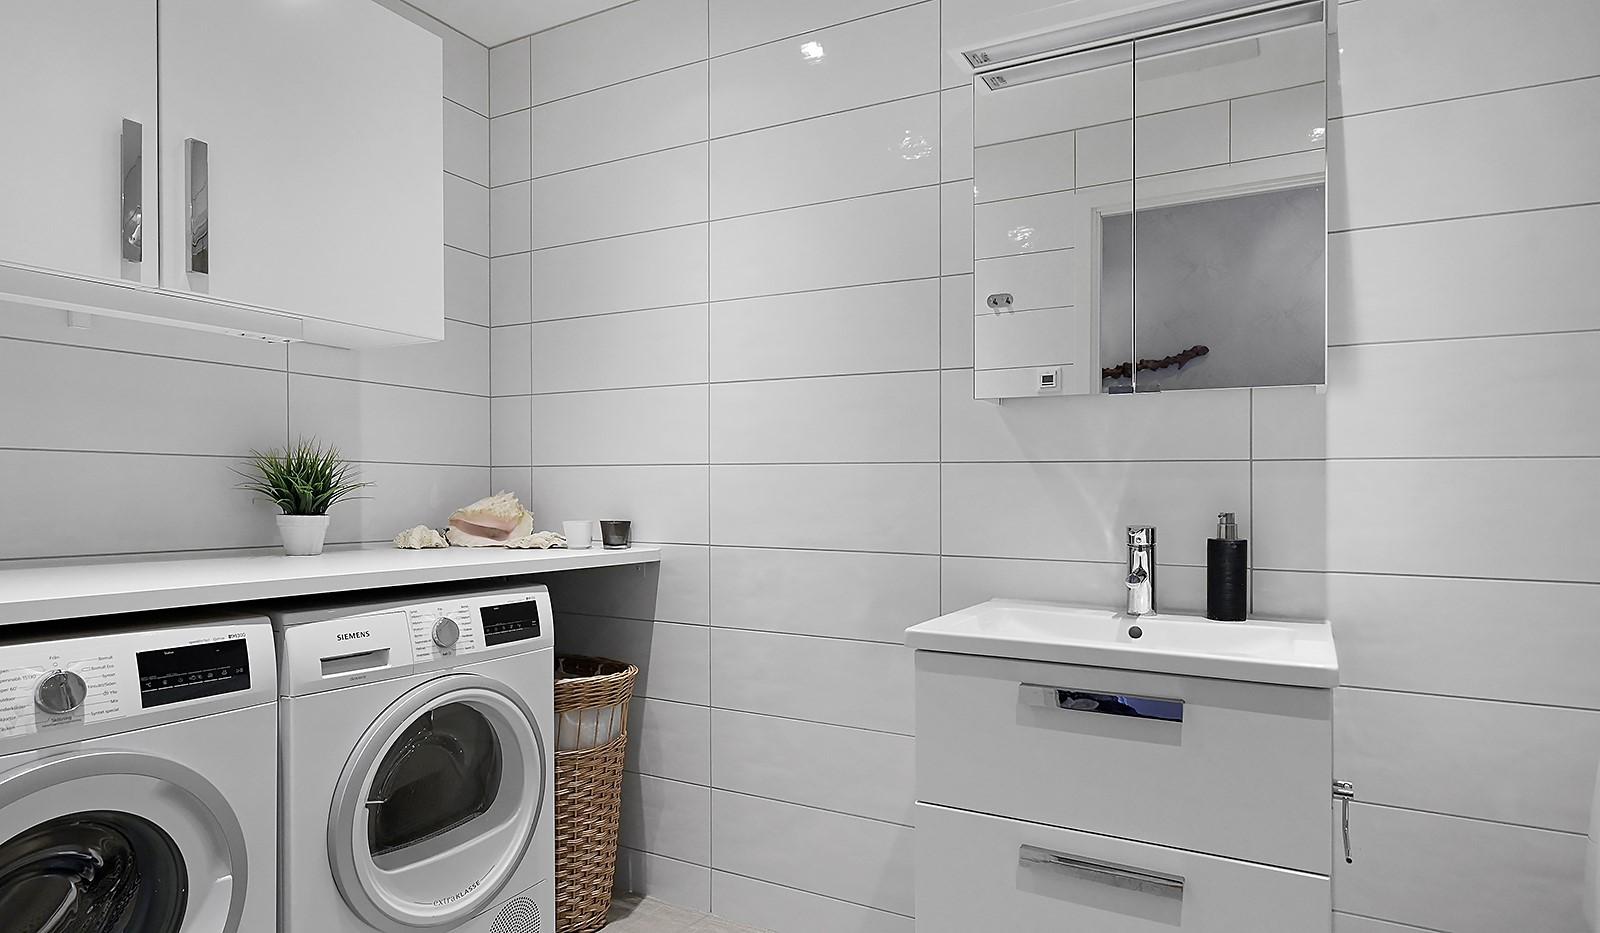 Fredriksdalsgatan 24, vån 2 - Badrummet är utrustat med tvättmaskin och torktumlare